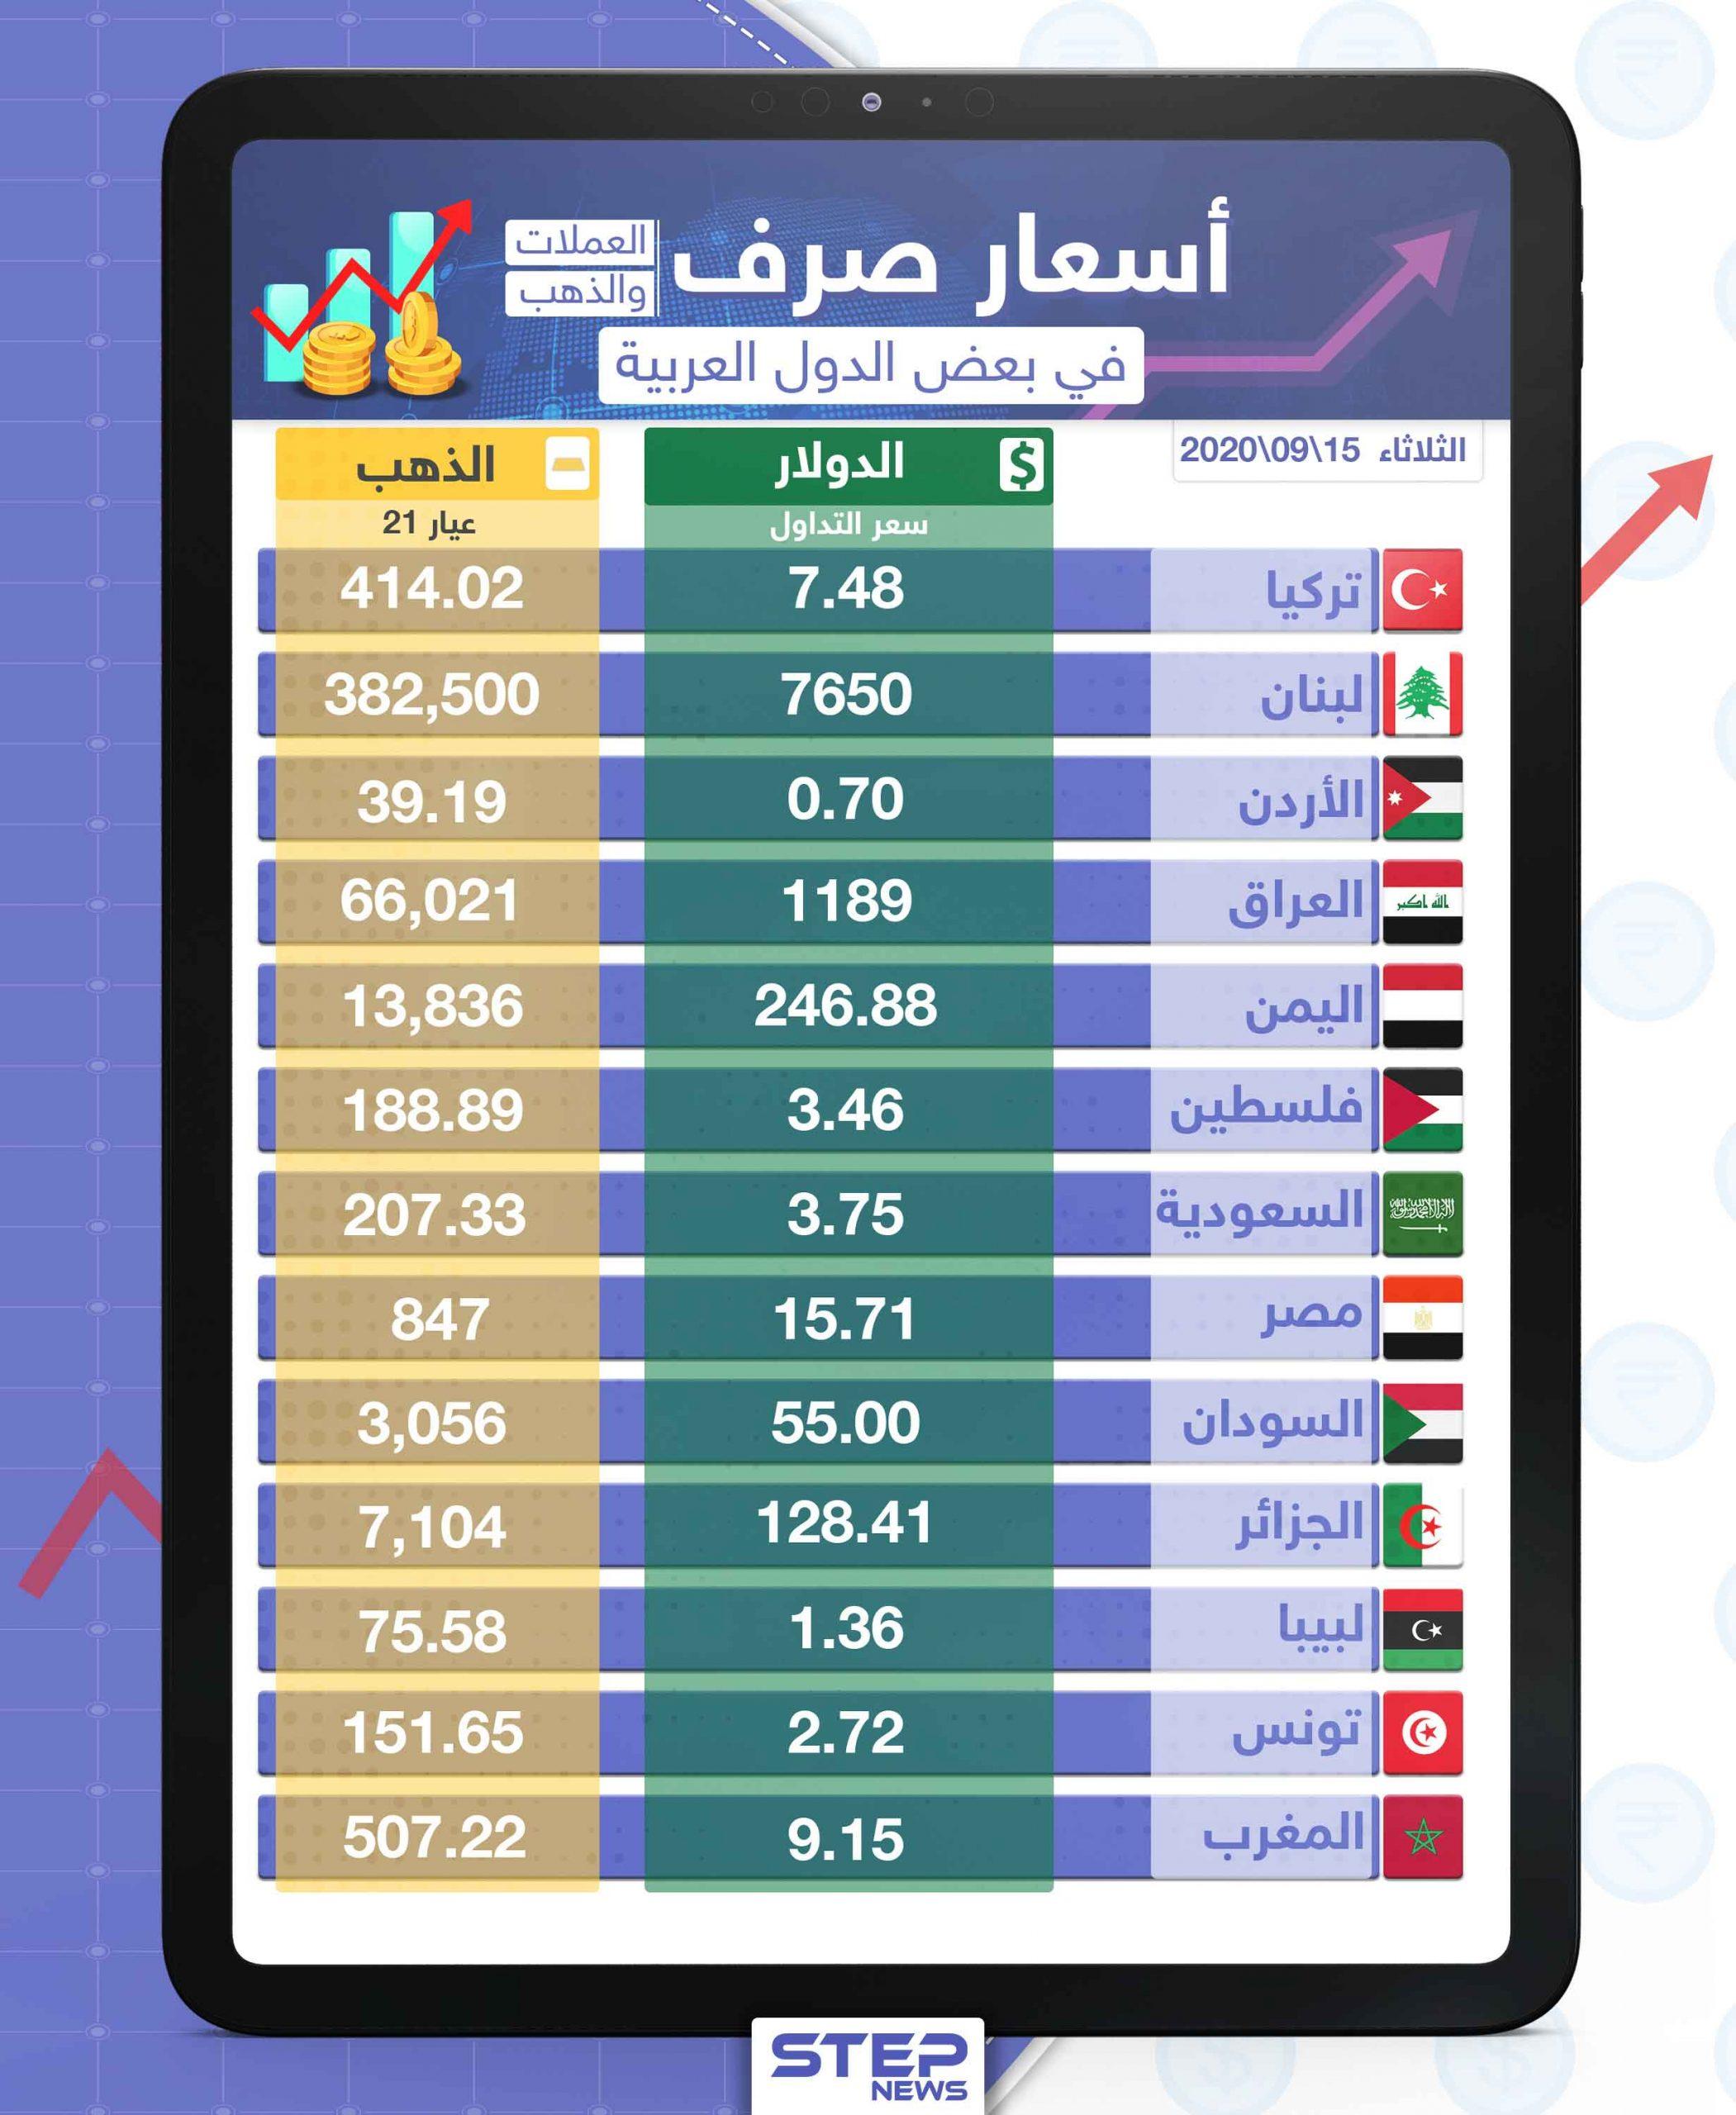 أسعار الذهب والعملات للدول العربية وتركيا اليوم الثلاثاء الموافق 15 أيلول 2020